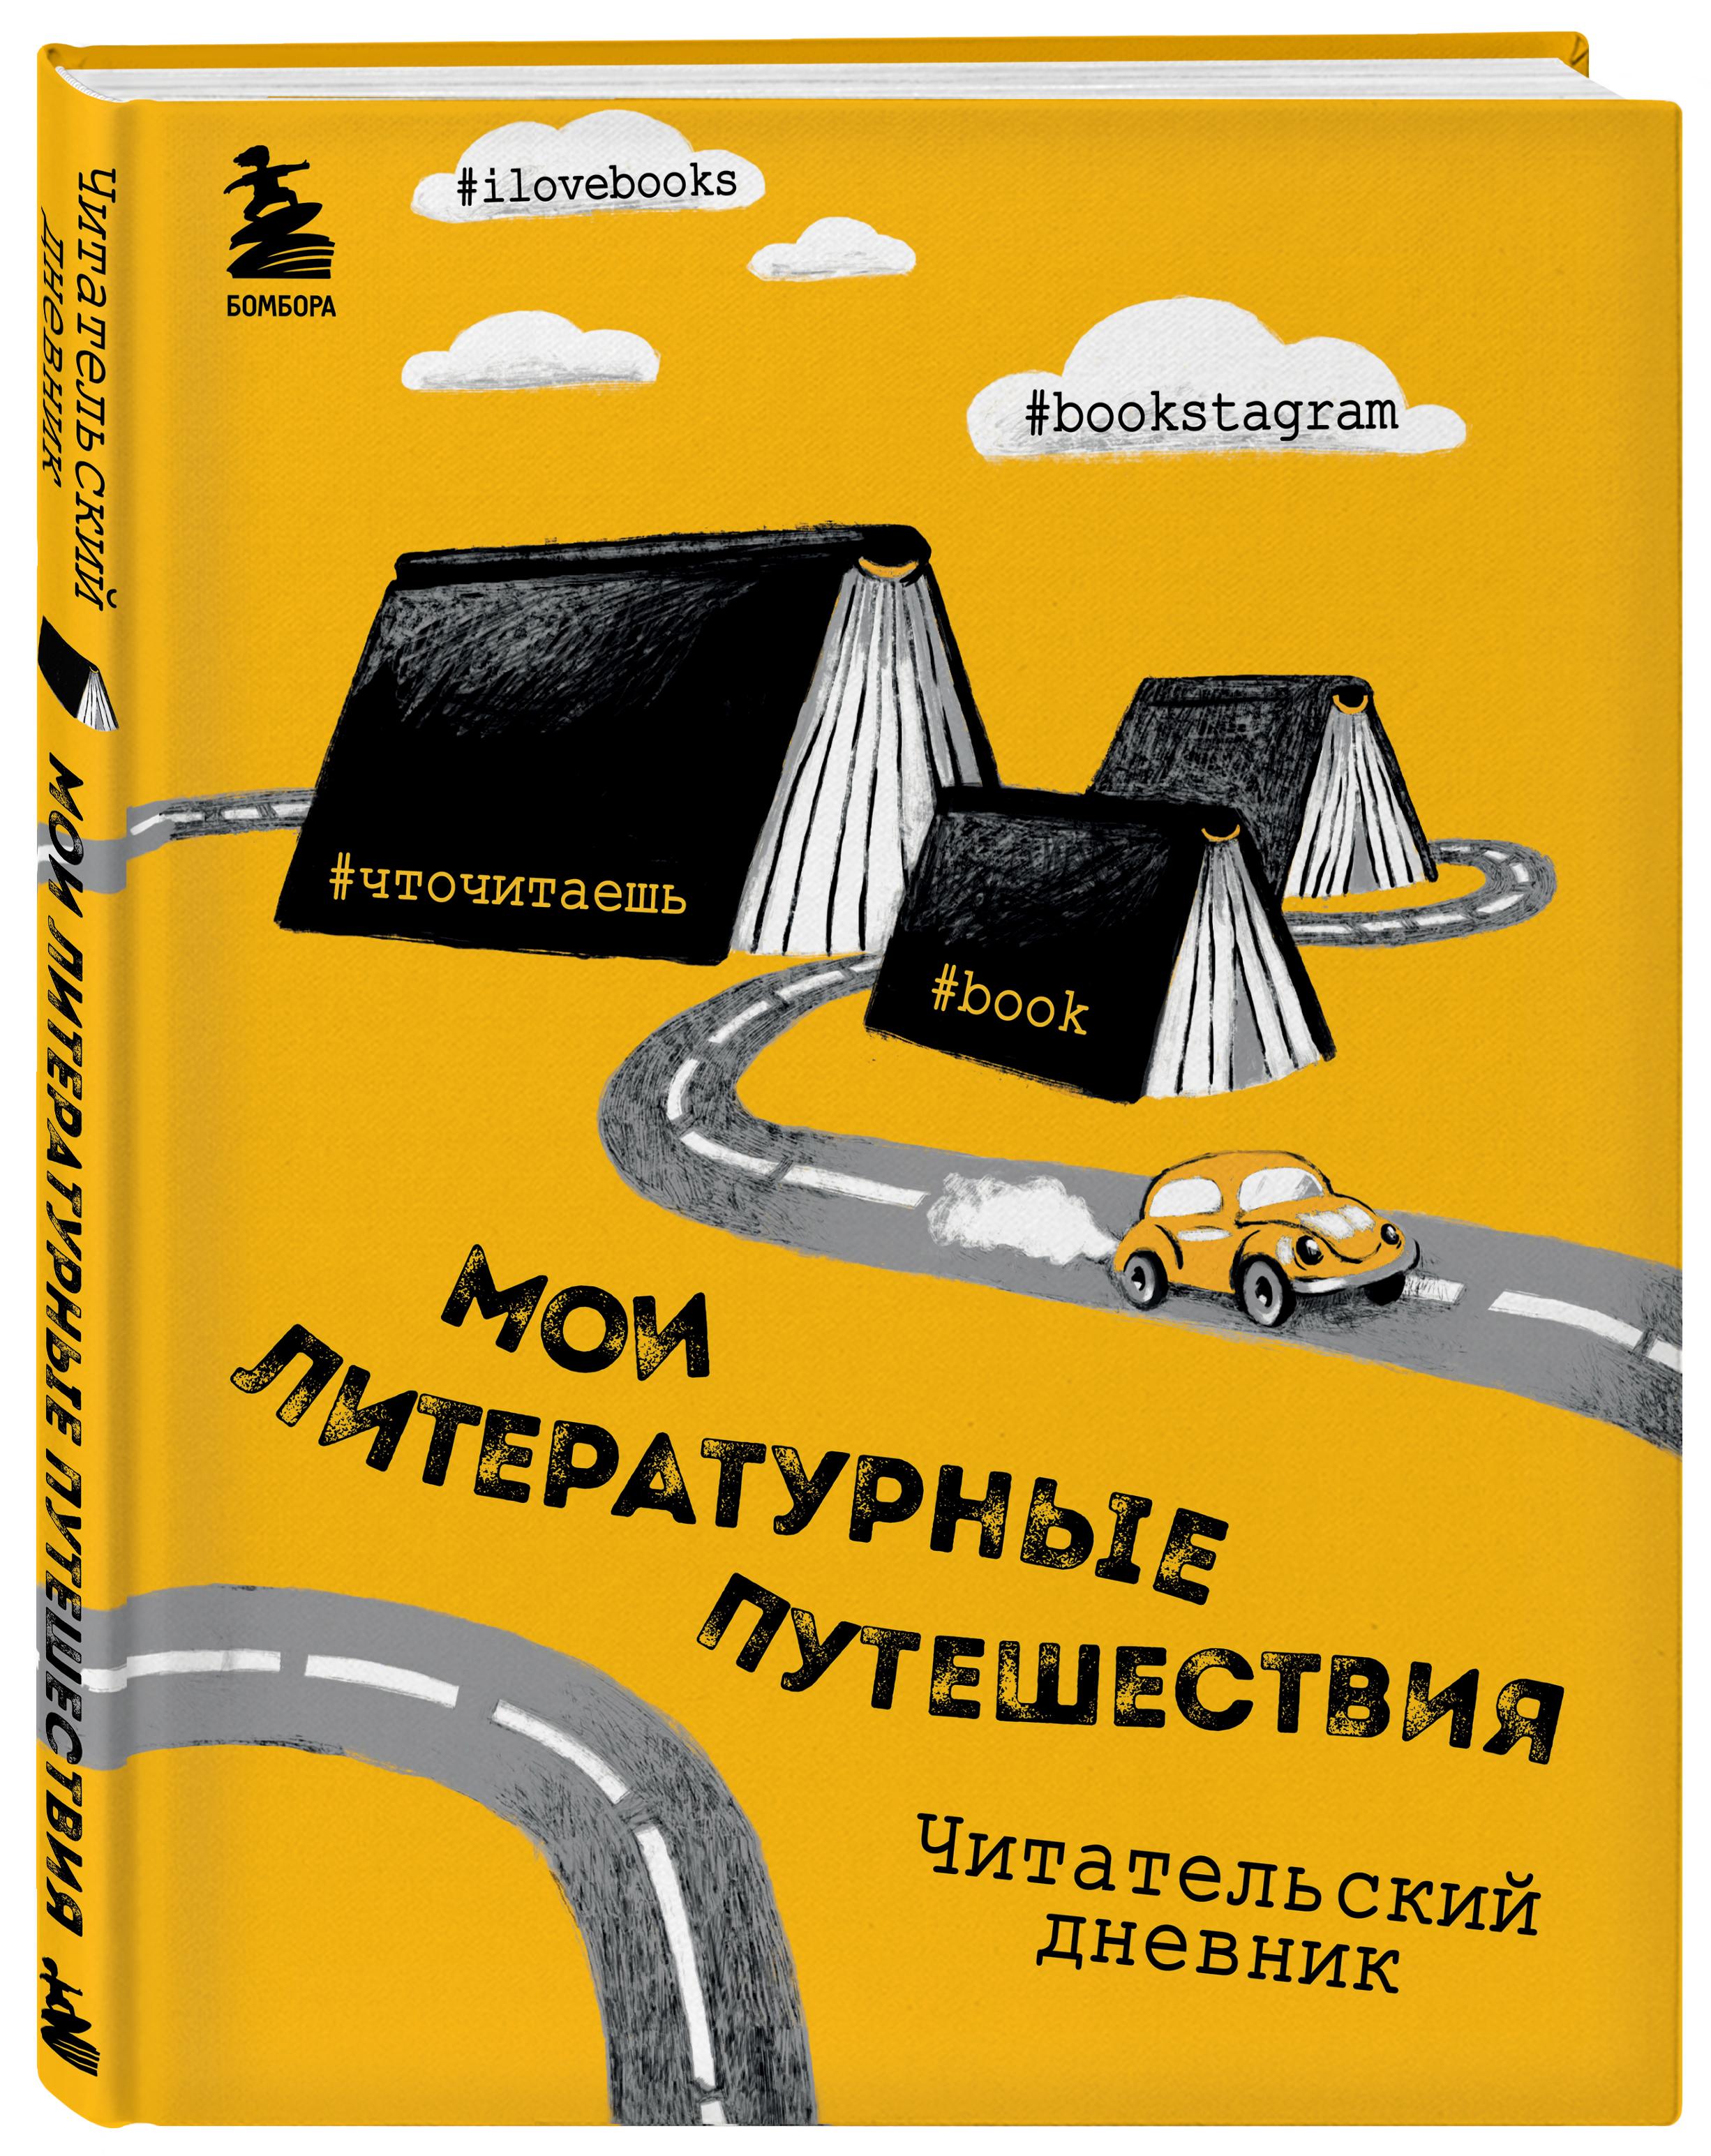 Маслакова В.О. Литературные путешествия. Читательский дневник